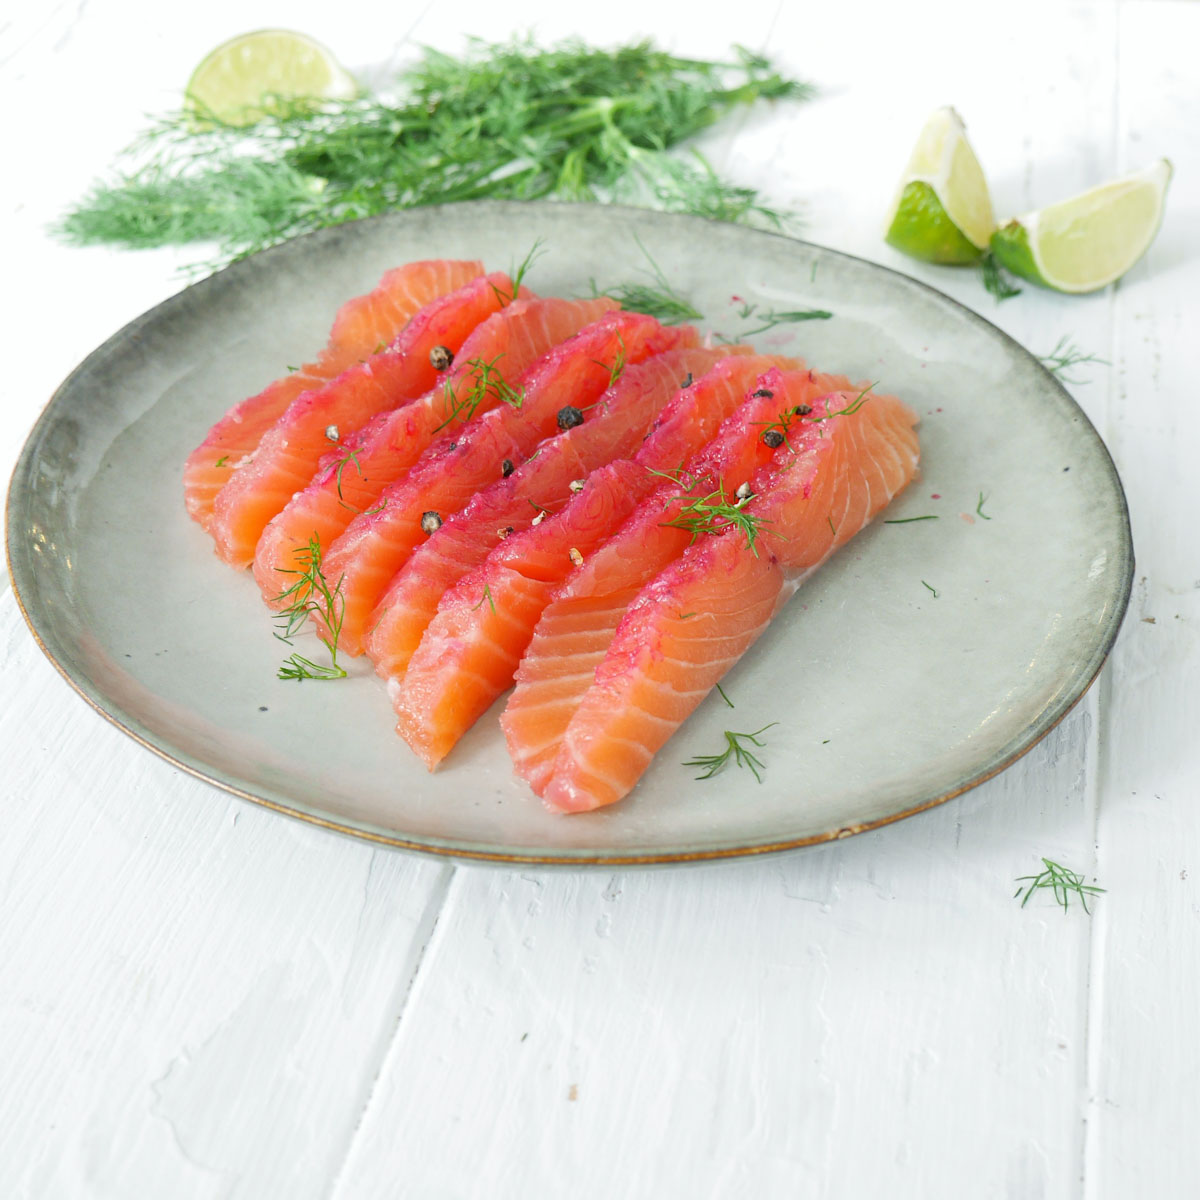 assiette de gravlax de saumon à la betterave